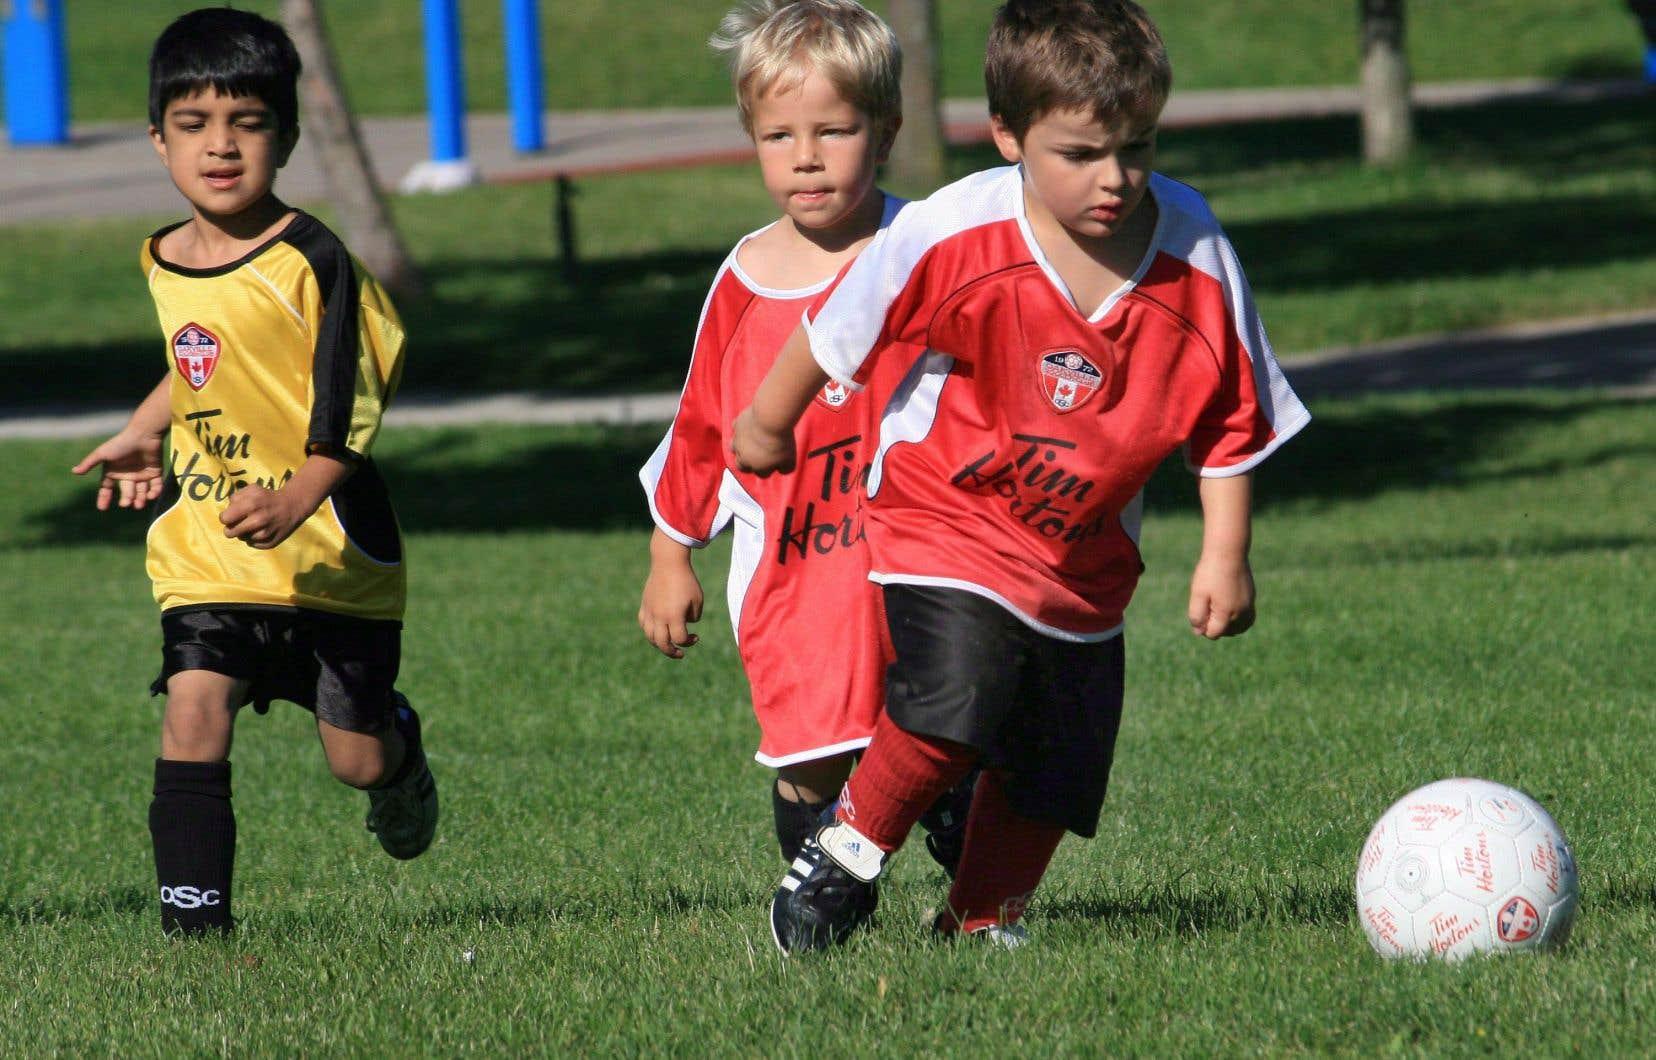 Le niveau d'activité physique chez les enfants décline partout dans le monde, mais il a atteint un plancher inquiétant au Canada.